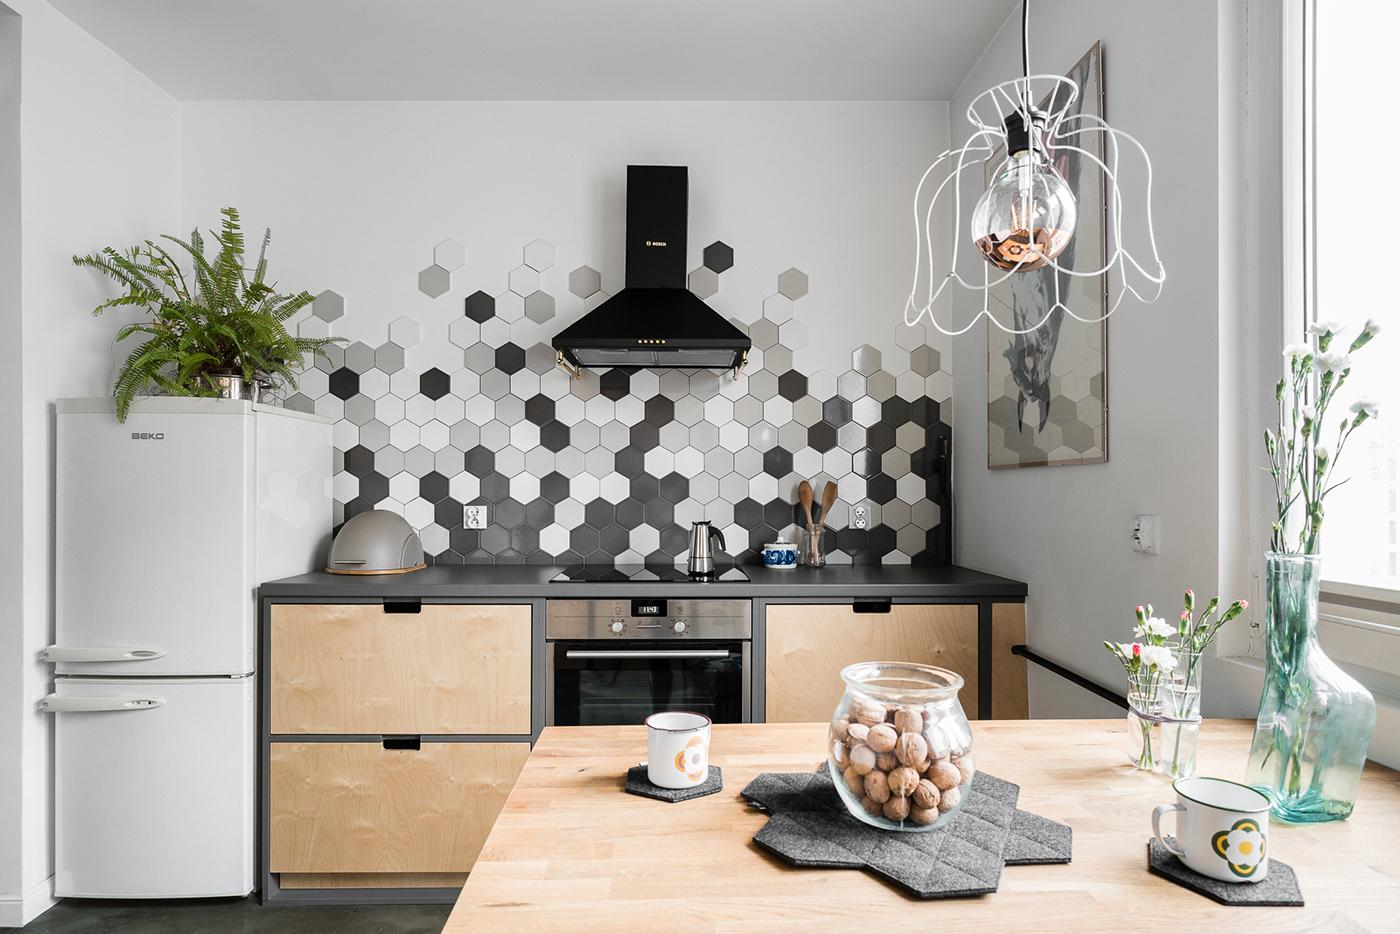 Kuchnia Heksagony Płytki Architekt Wnętrz Gdynia